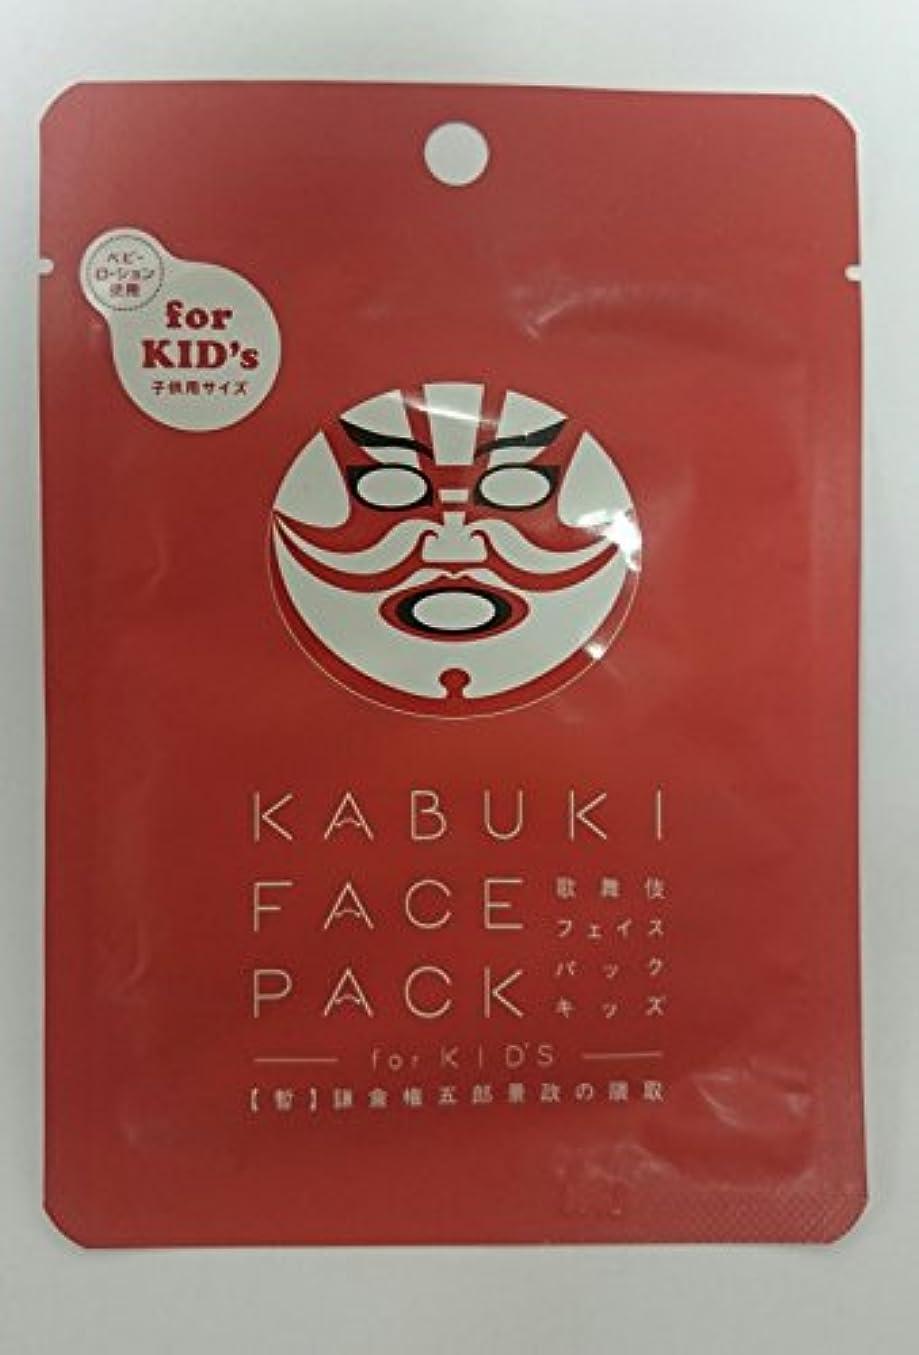 誠意回転ヤギ歌舞伎フェイスパック 子供用 KABUKI FACE PACK For Kids パンダ トラも! ベビーローション使用